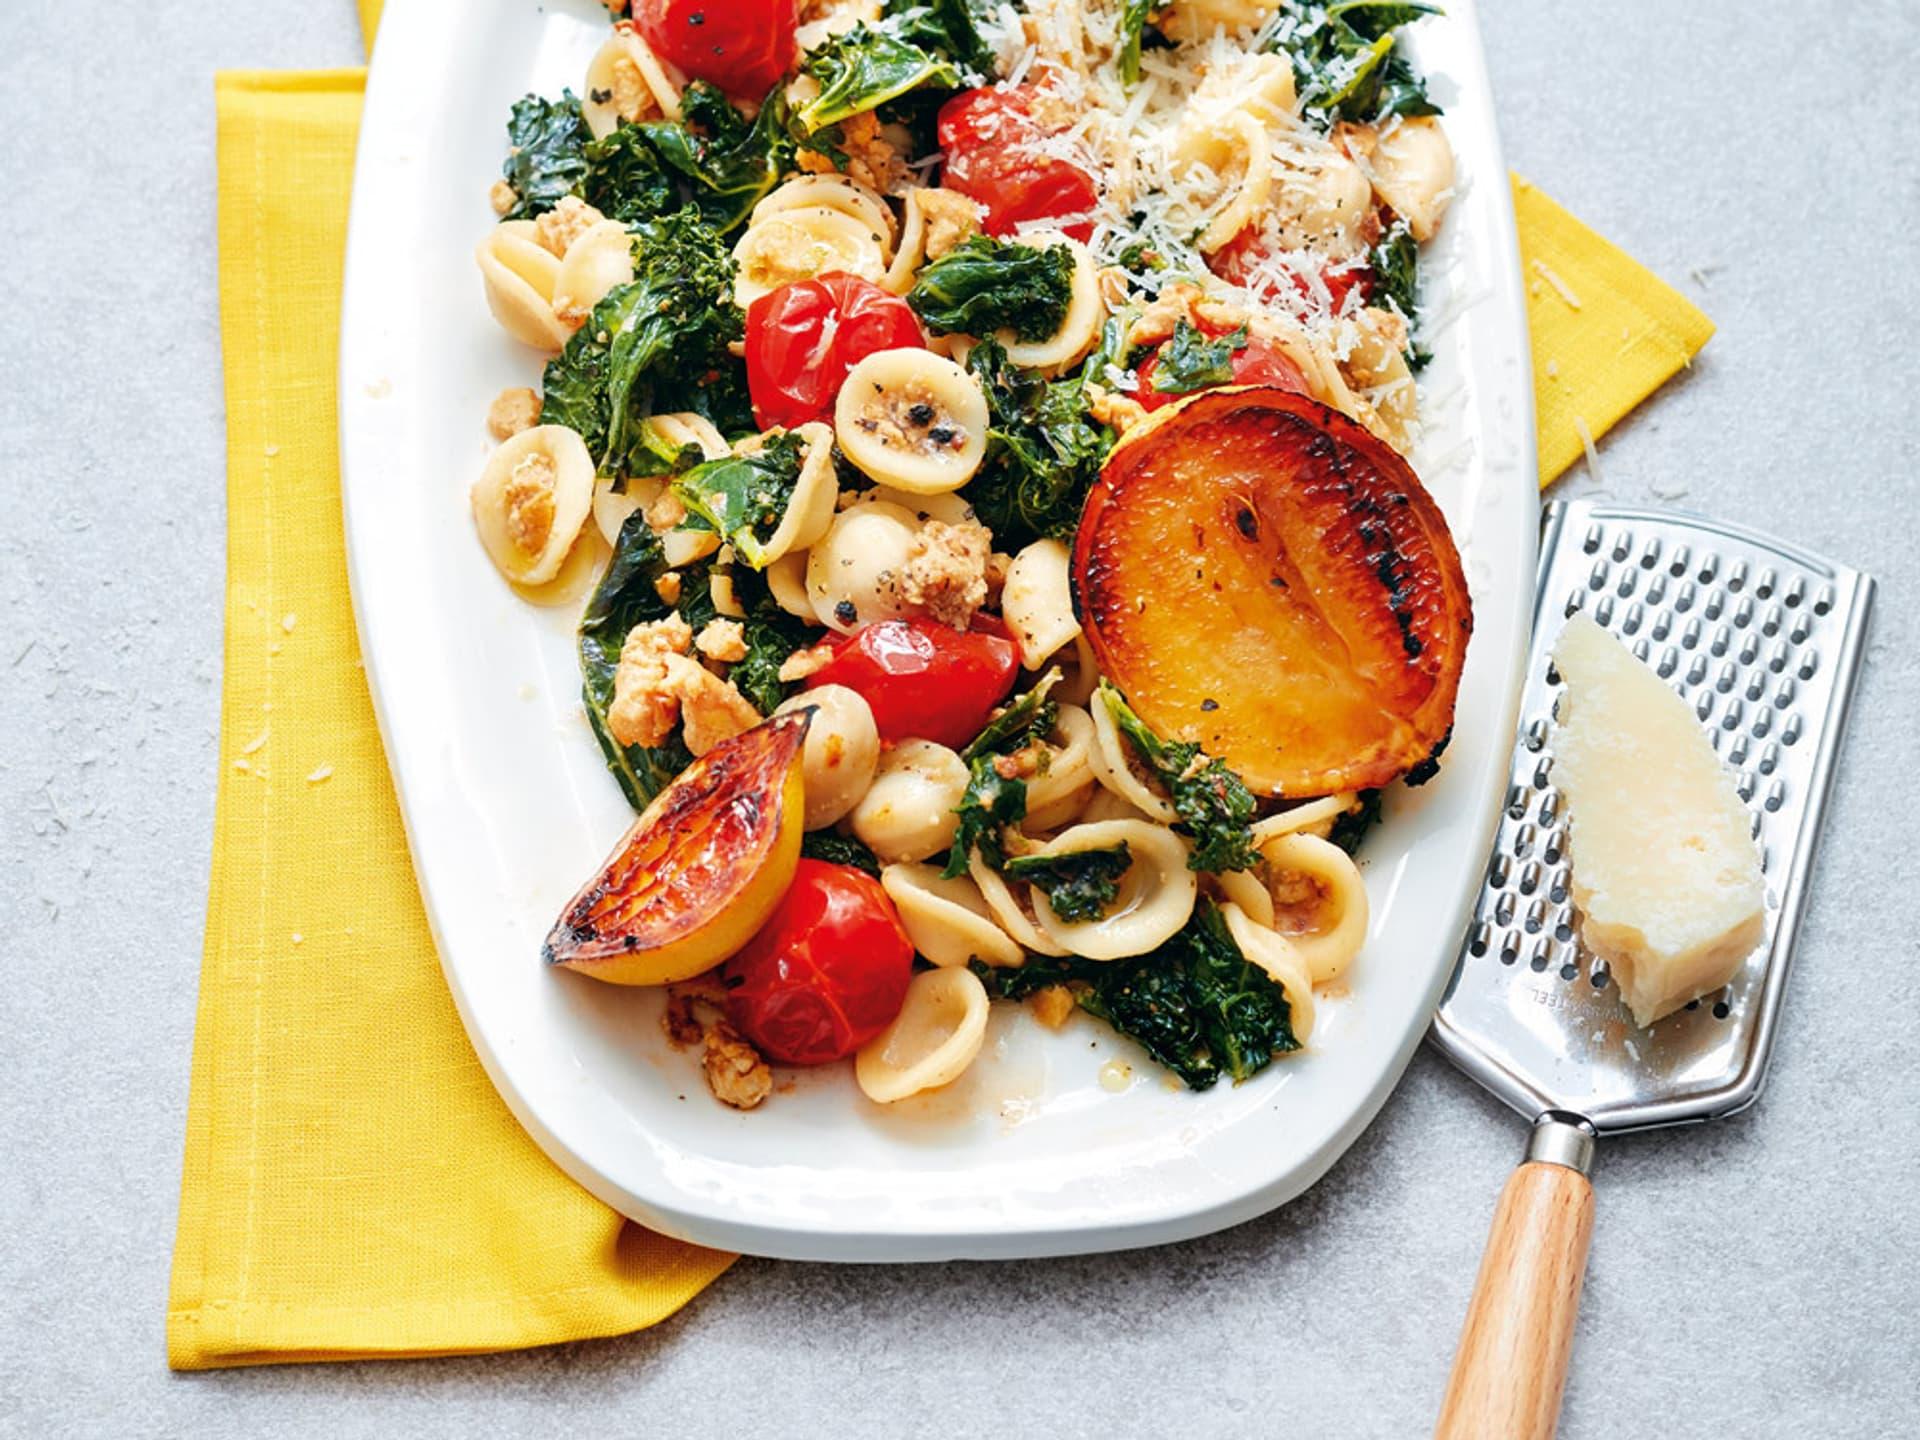 kleine Teigkringe angerichtet mit Spinat, Tomaten und geröstetem Apfelsinen auf einem weißen Teller